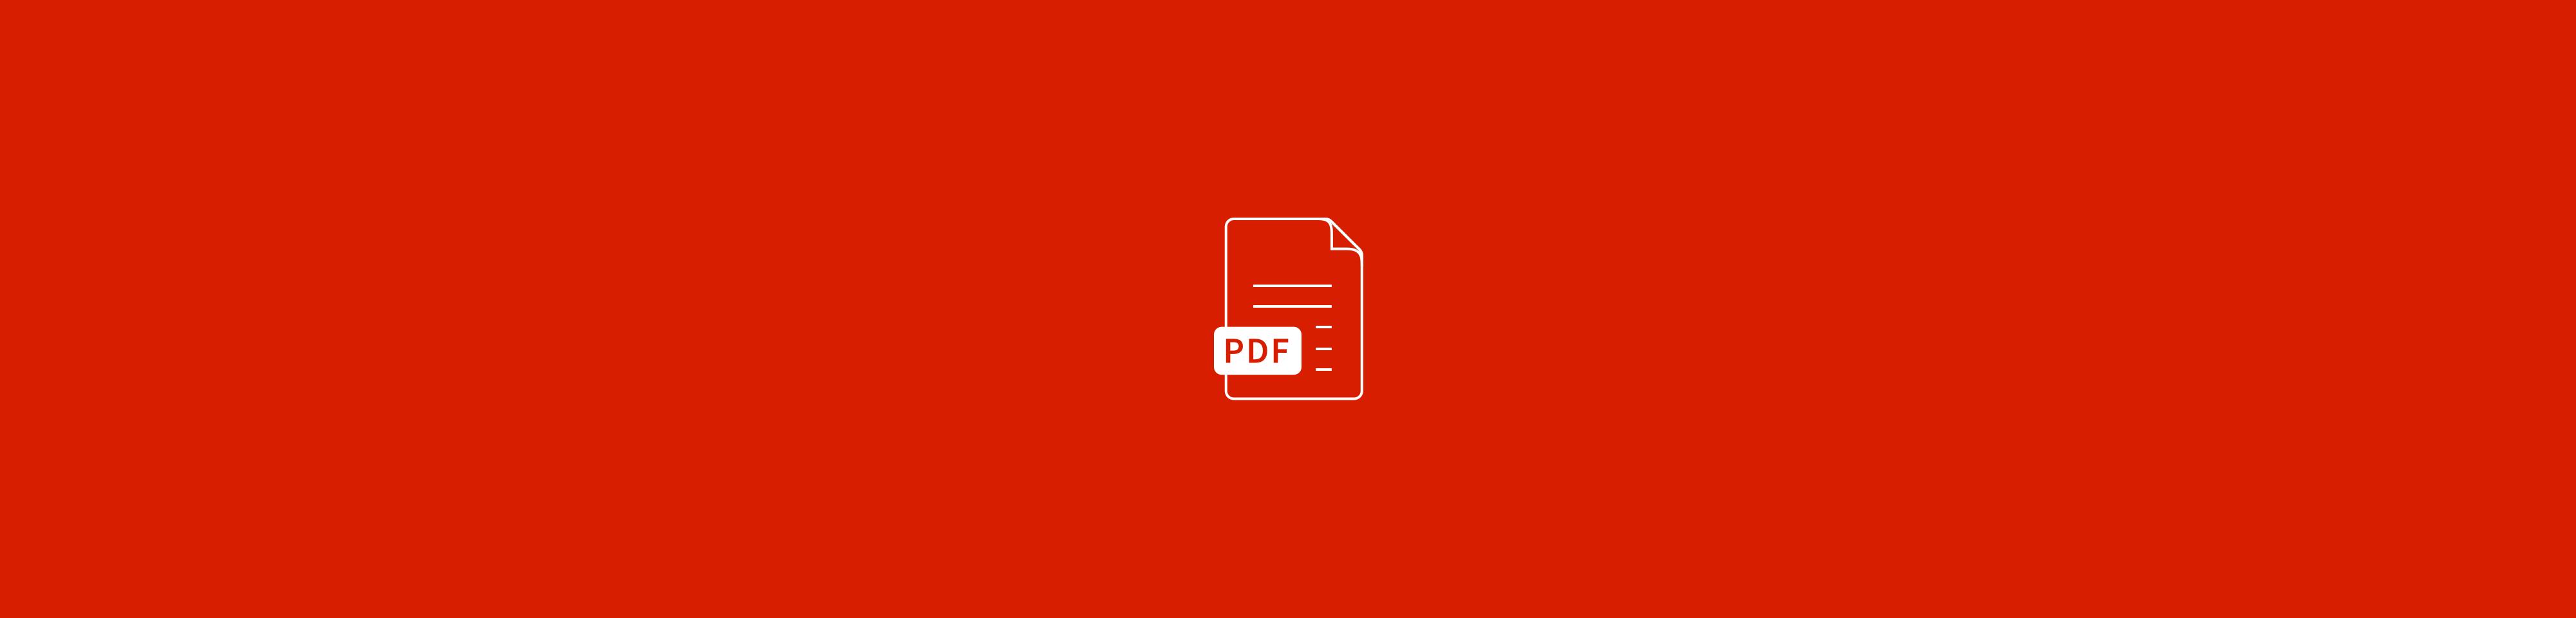 Sample PDF—Download Free Test PDF   Smallpdf